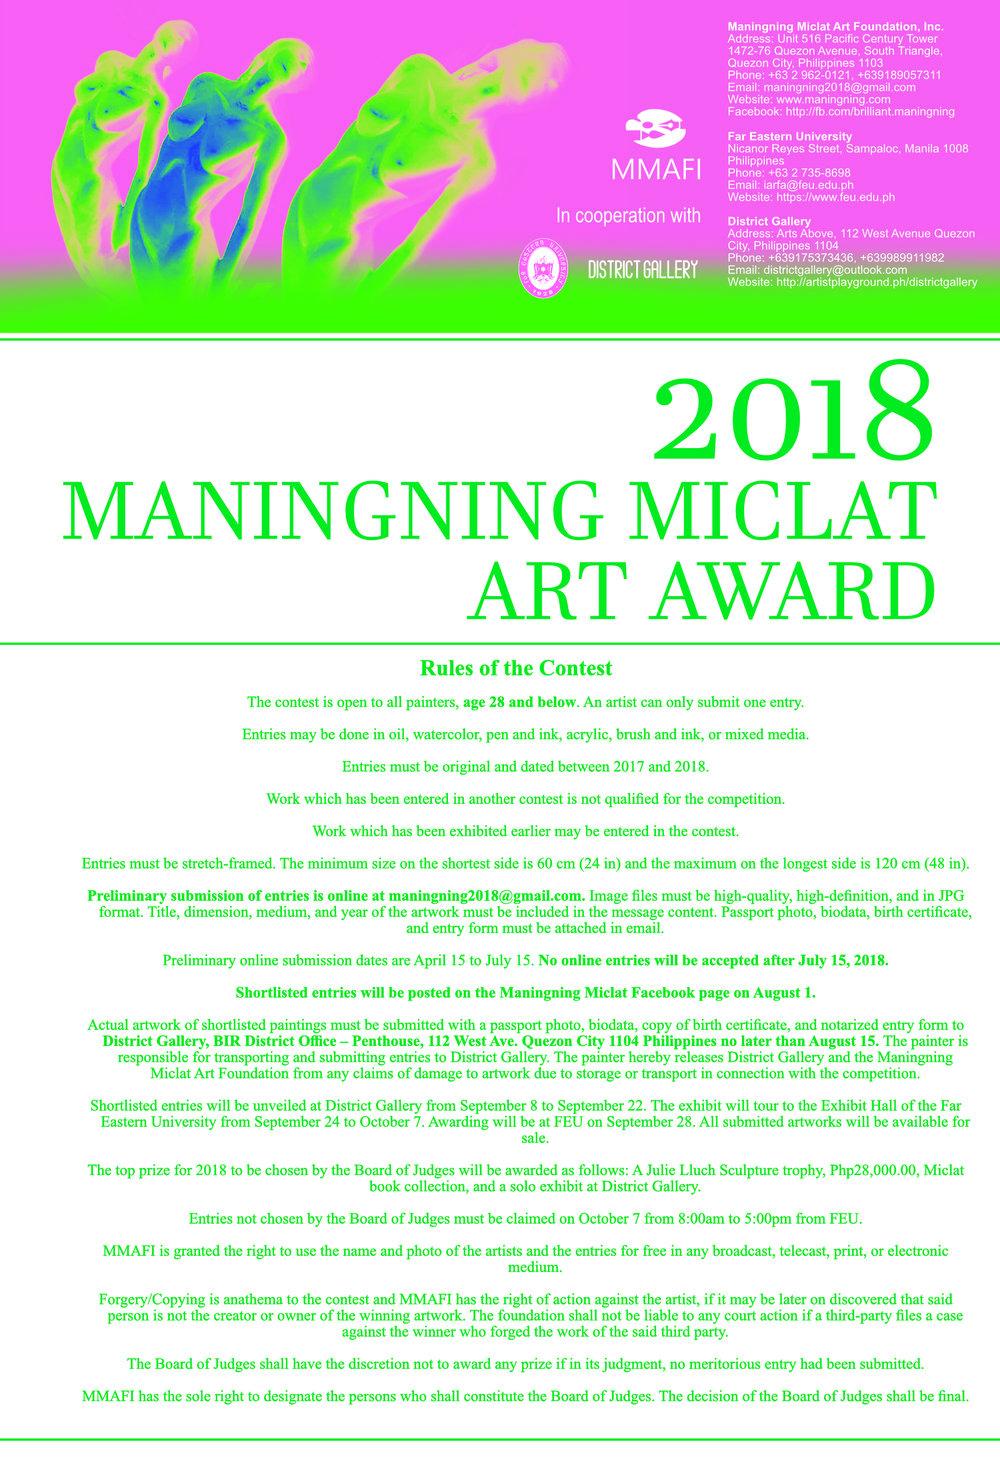 Maningning Miclat Art Award rules final final.jpg